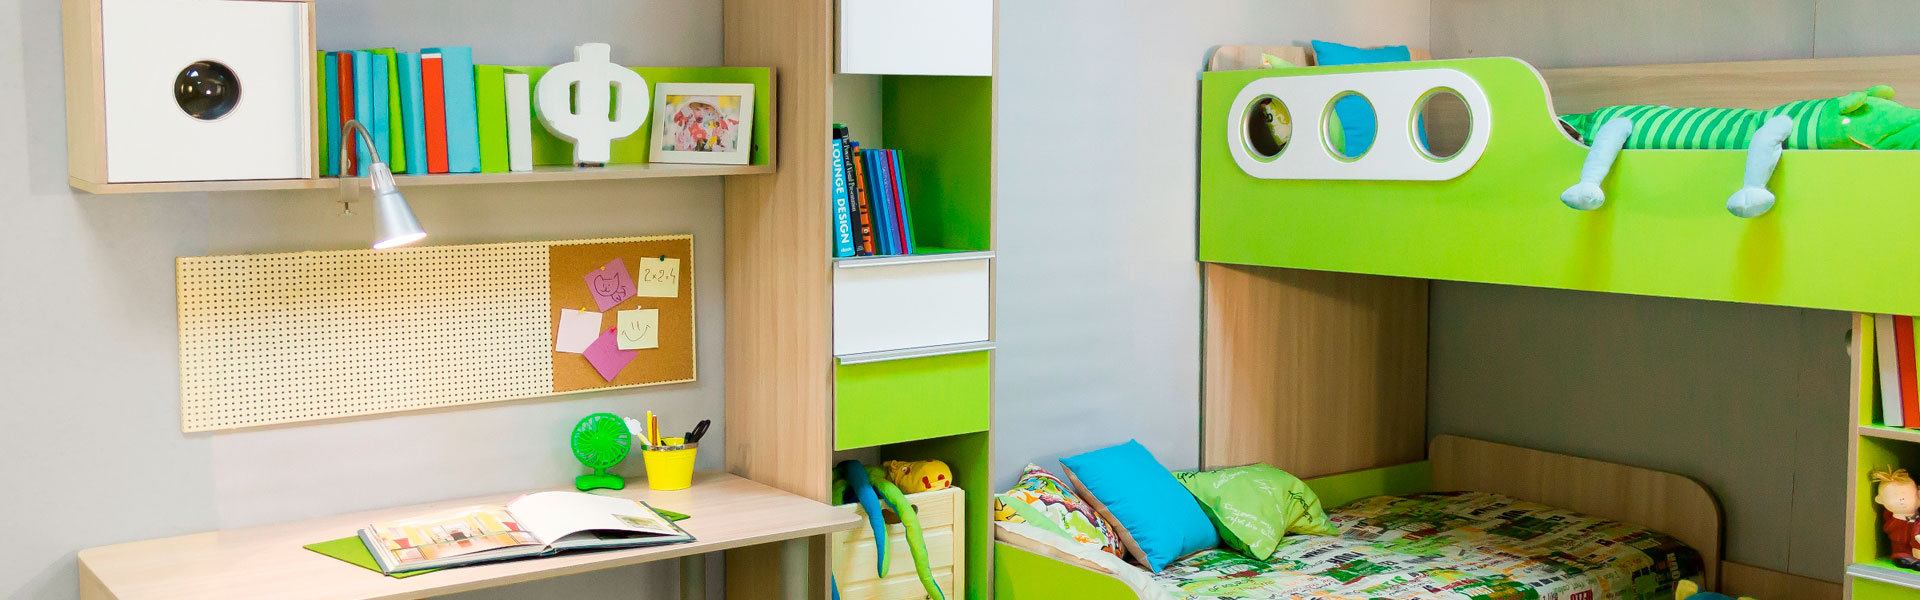 Детская мебель 38 попугаев